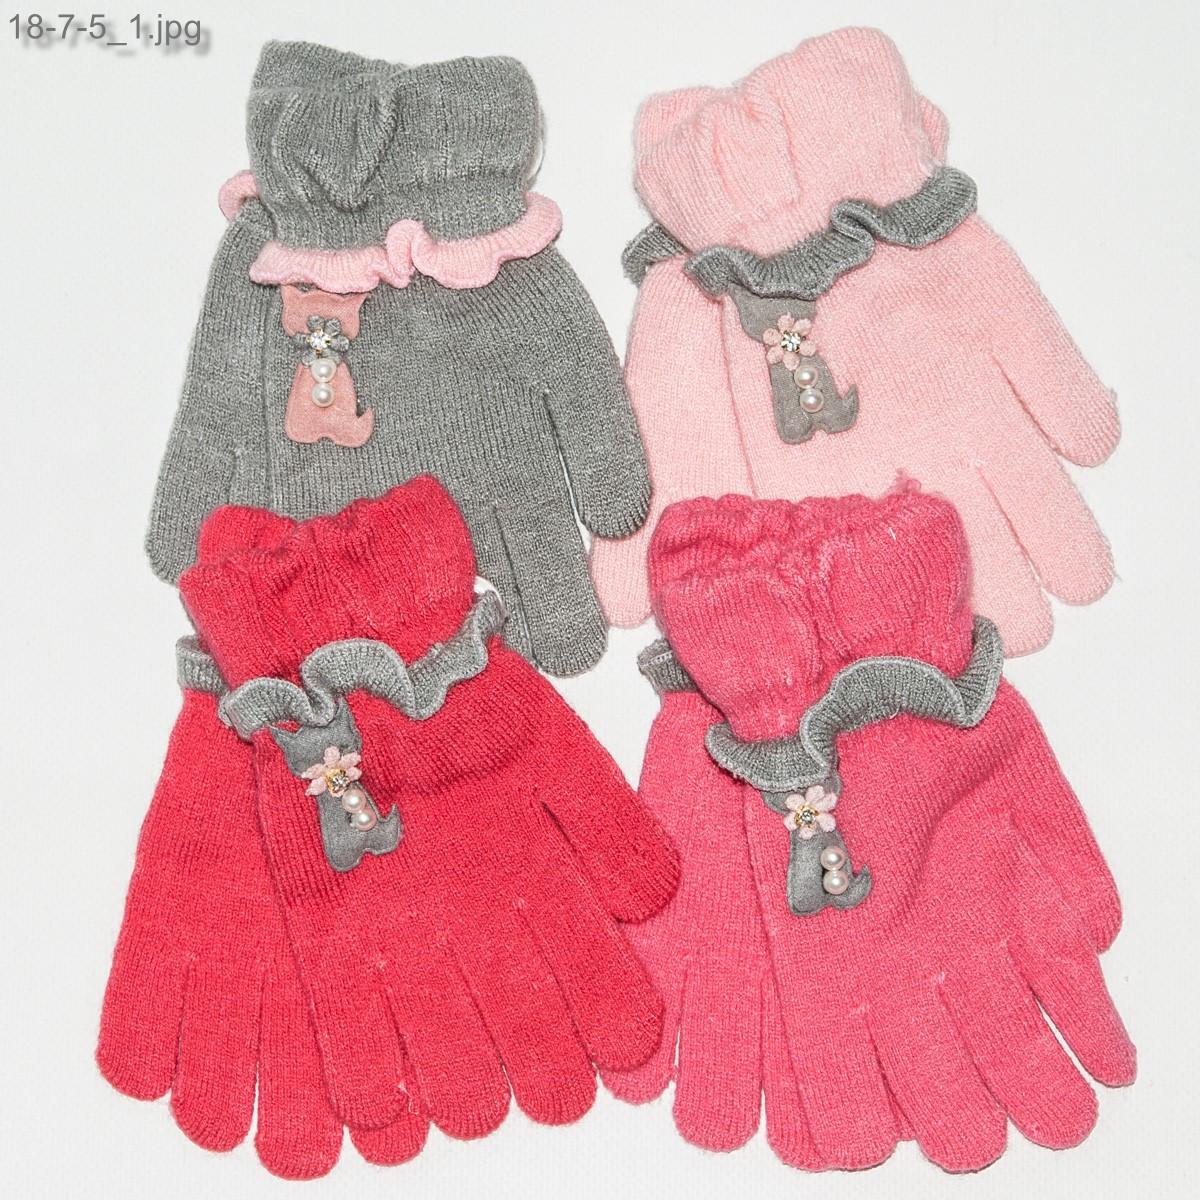 Оптом перчатки детские на девочек 3-5 лет - №18-7-5